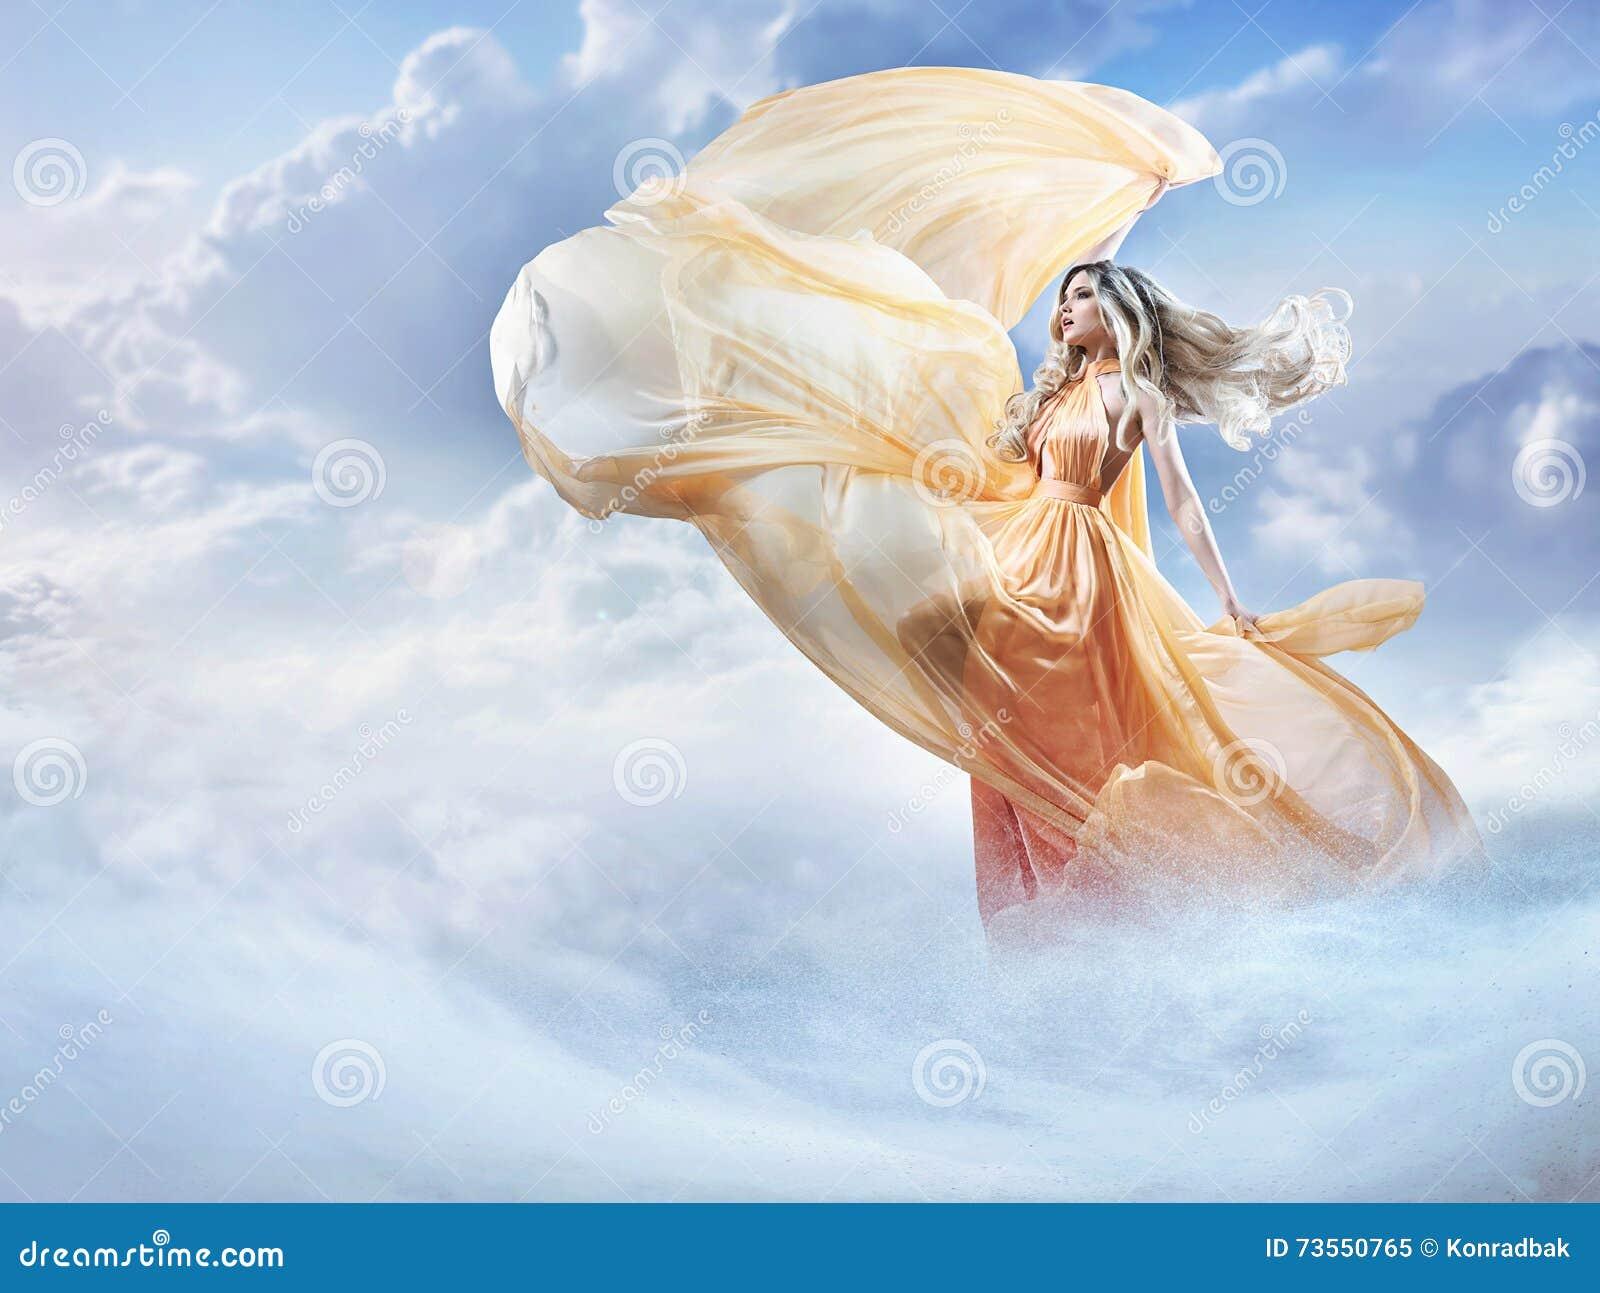 Träumerisches Bild einer schönen jungen Dame in den Wolken